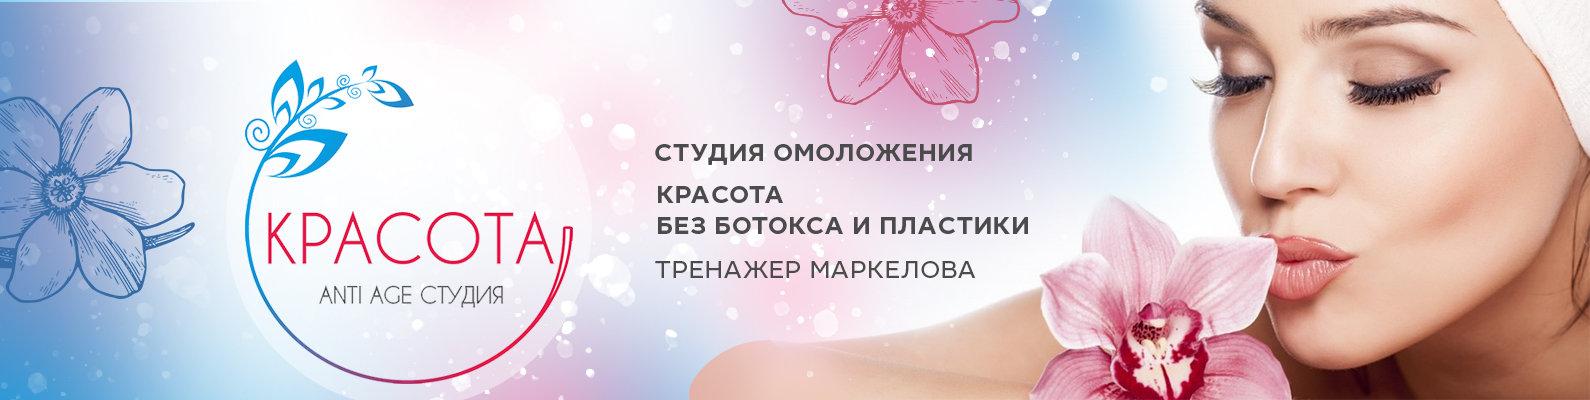 oblozhka_vk.jpg